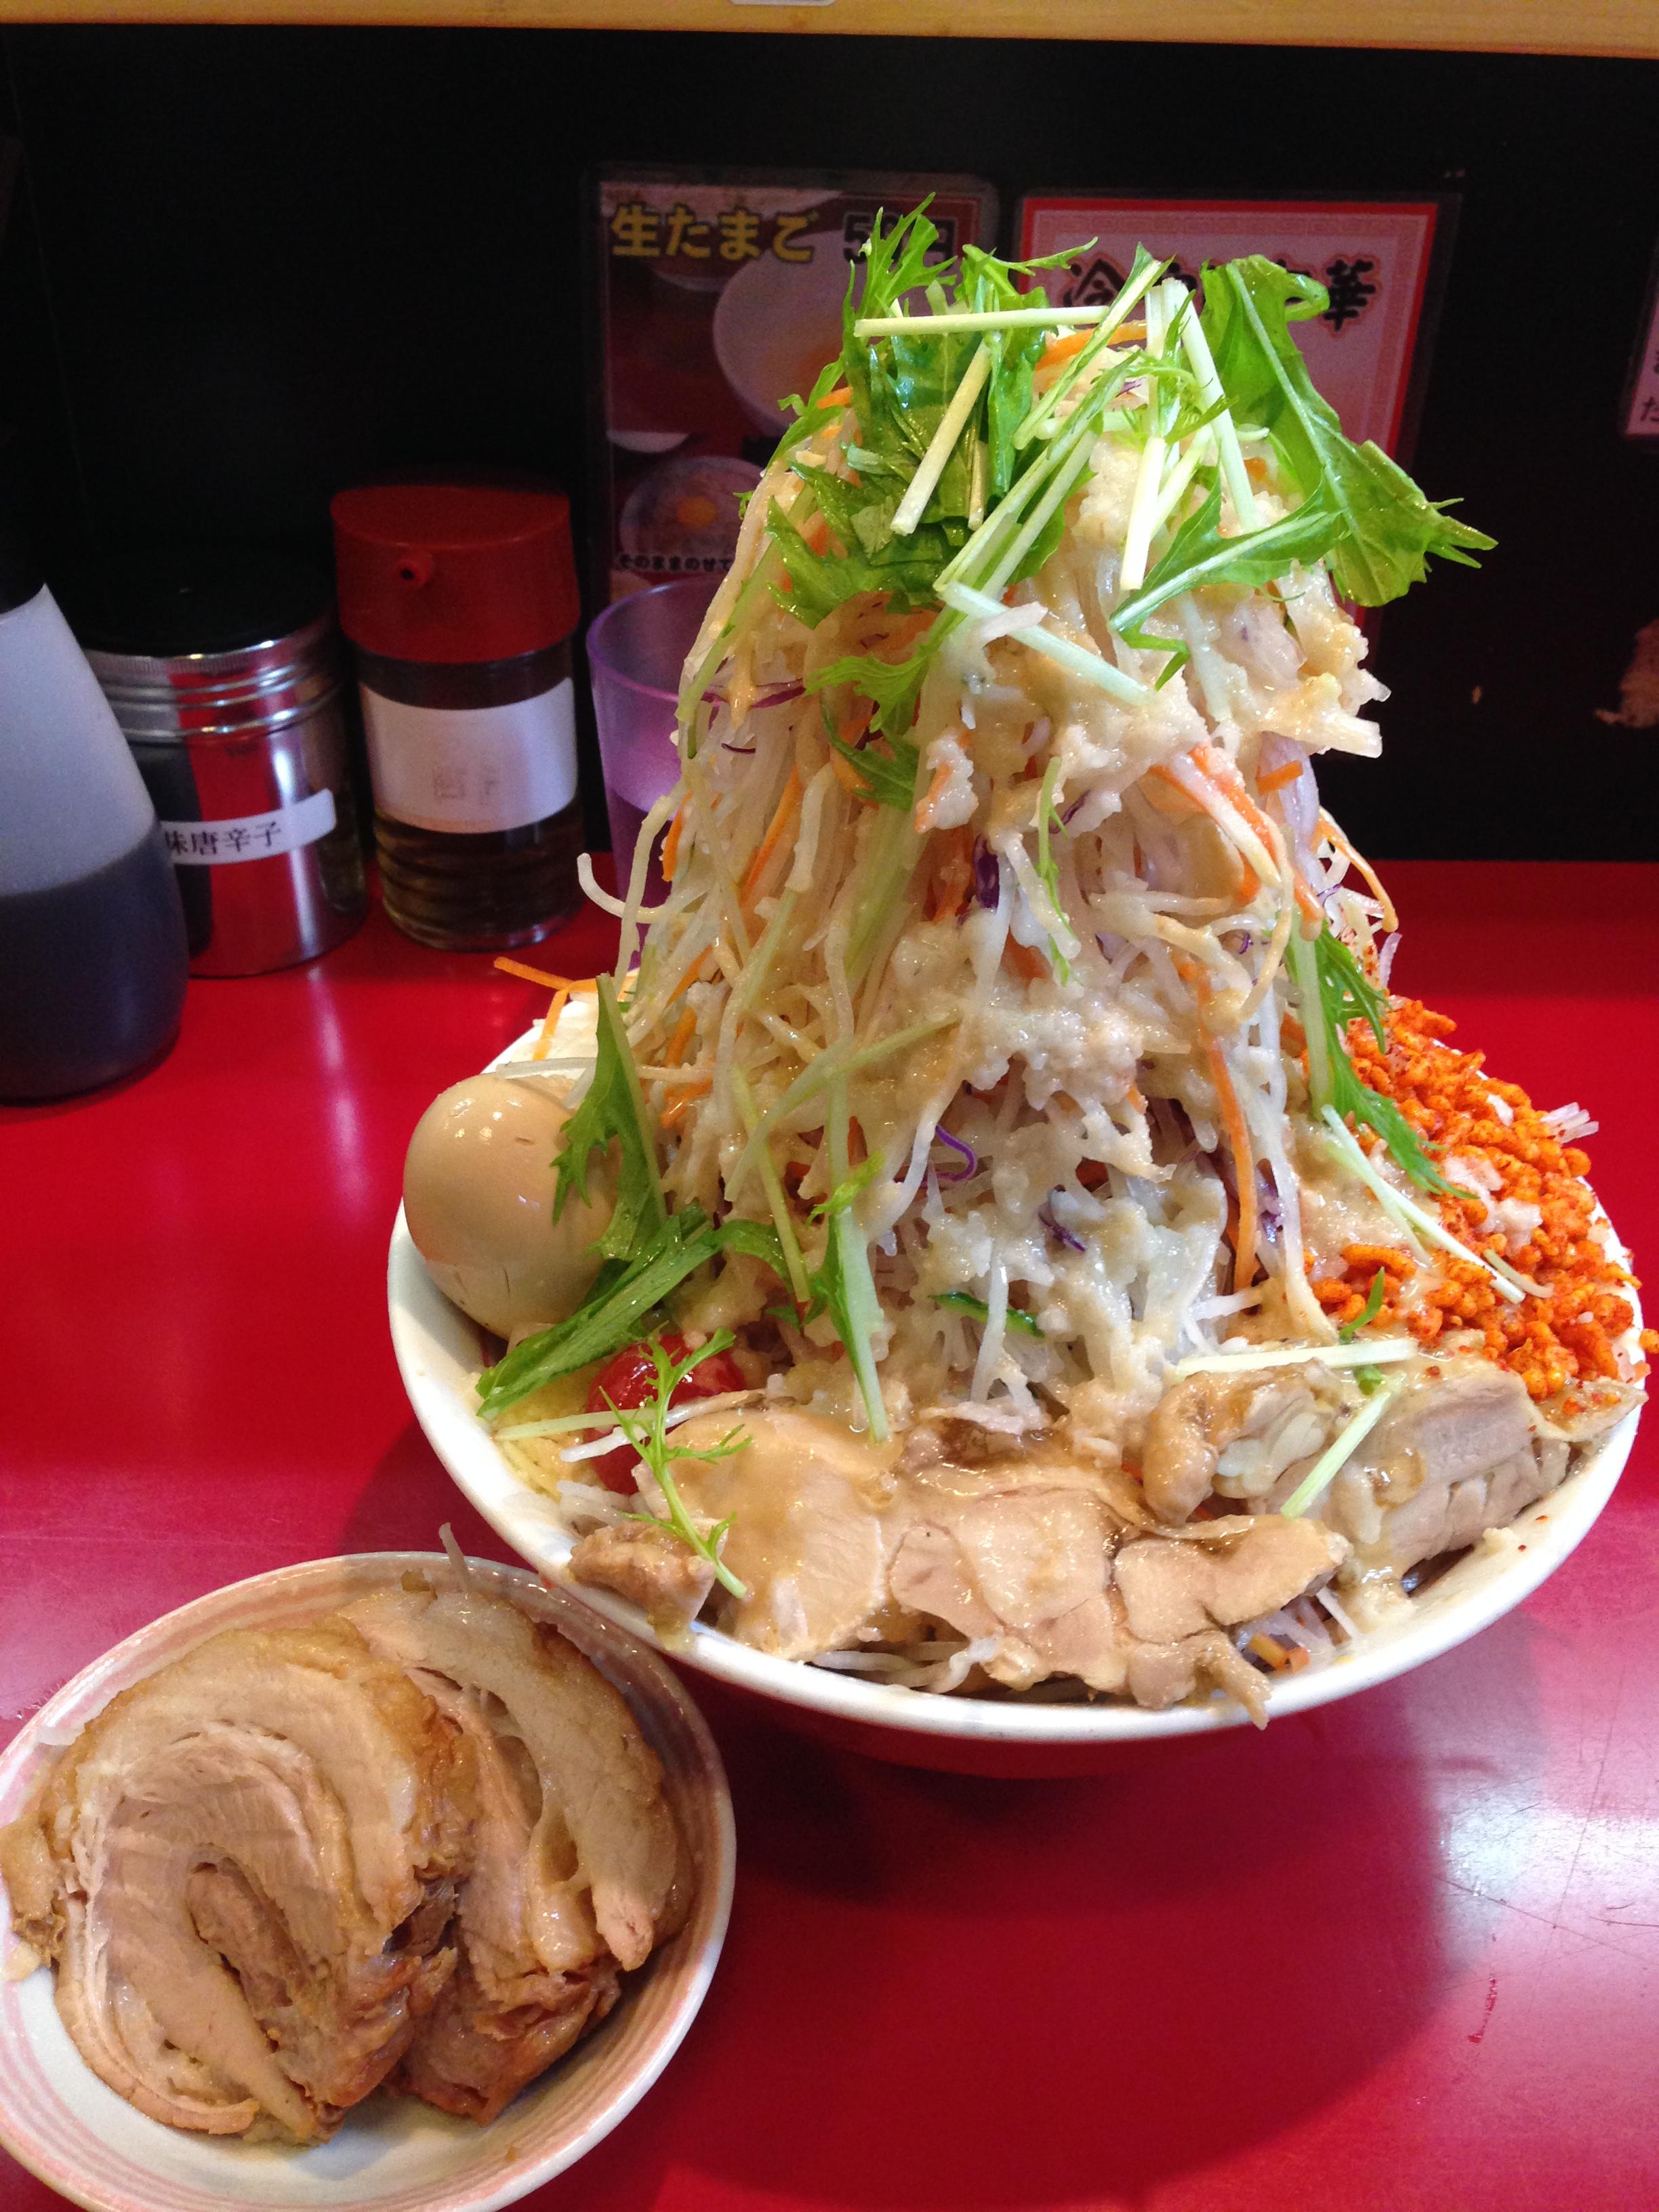 二郎系「千里眼」で聳え立つ冷やし中華を食した